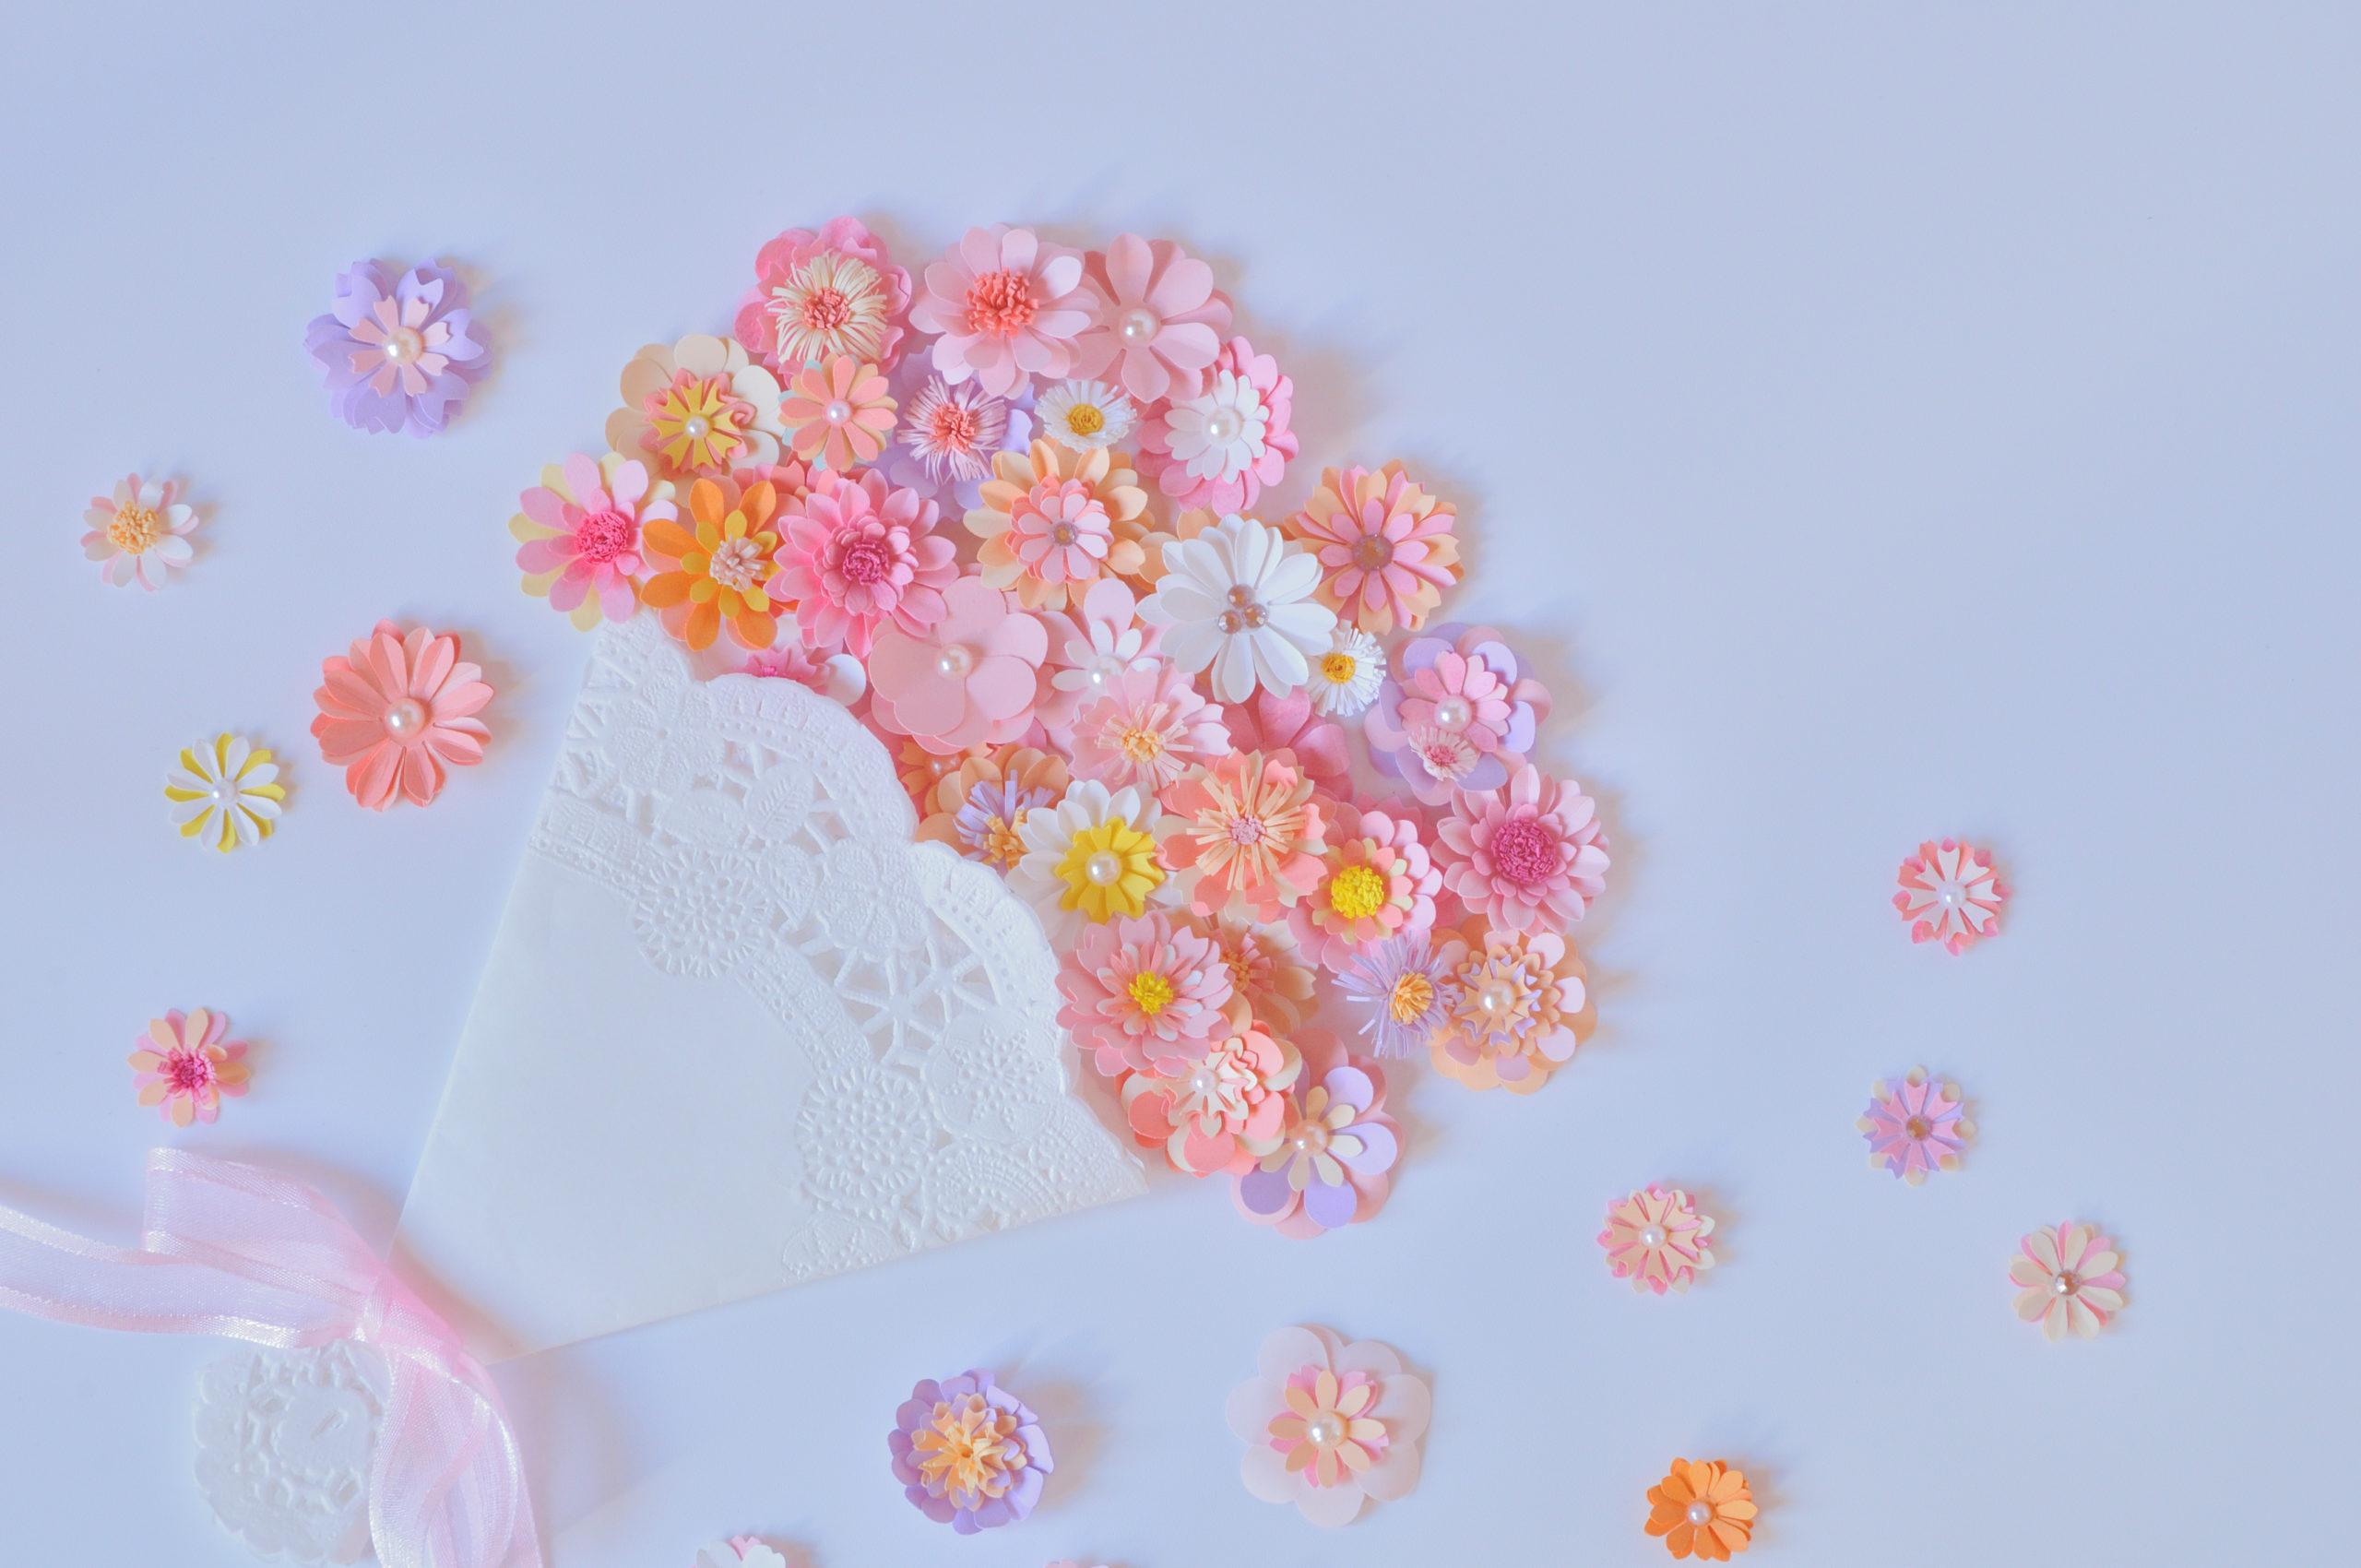 エイジングケア【ブルークレール】美容液リペアモイストWエッセンスの48成分・13年ロングセラーの魅力